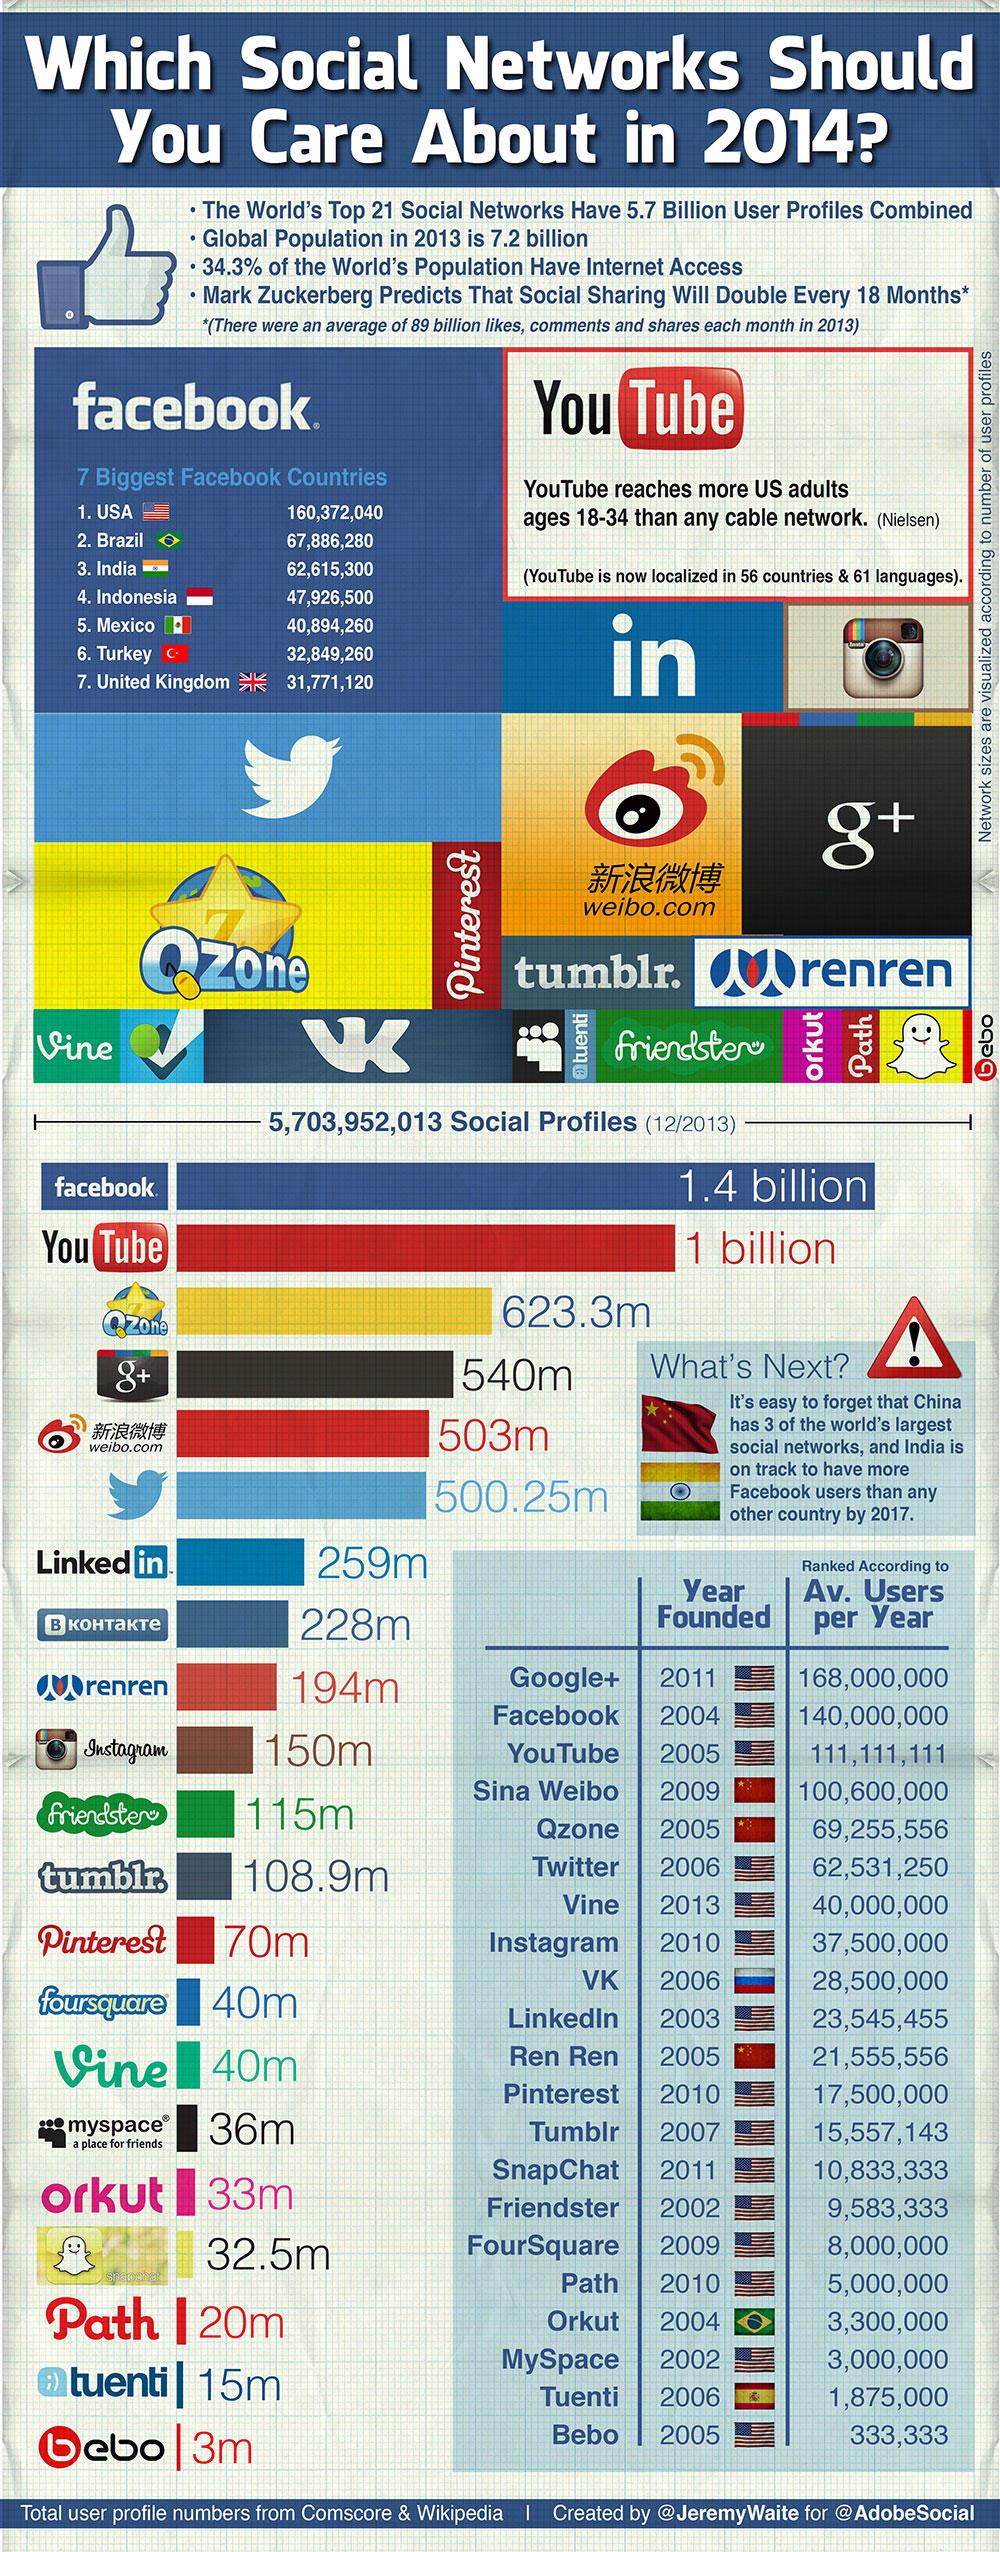 soziale Netzwerke 2014